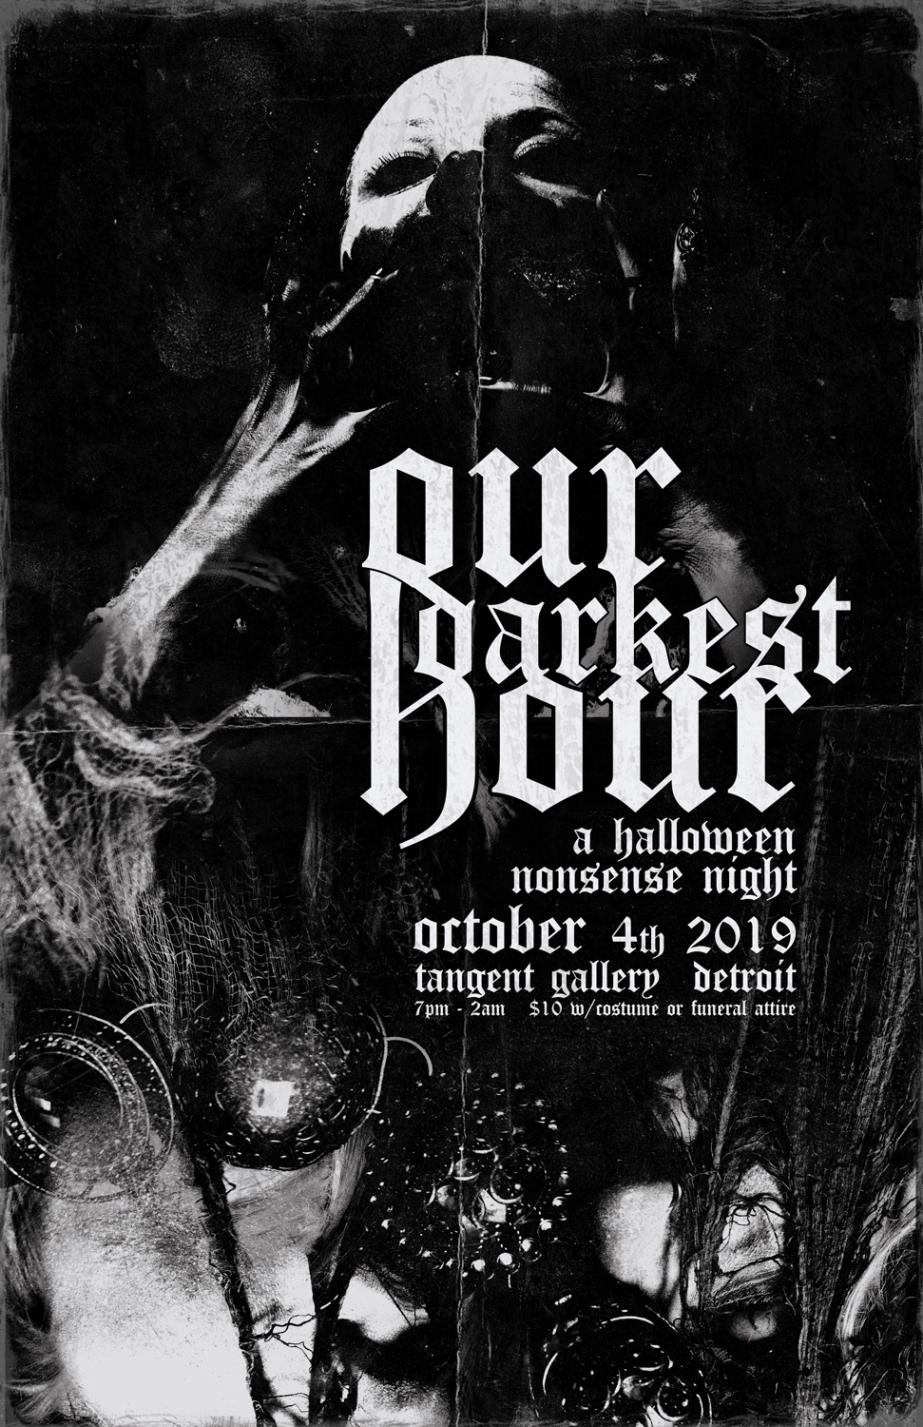 Our-Darkest-Hour-10-04-2019